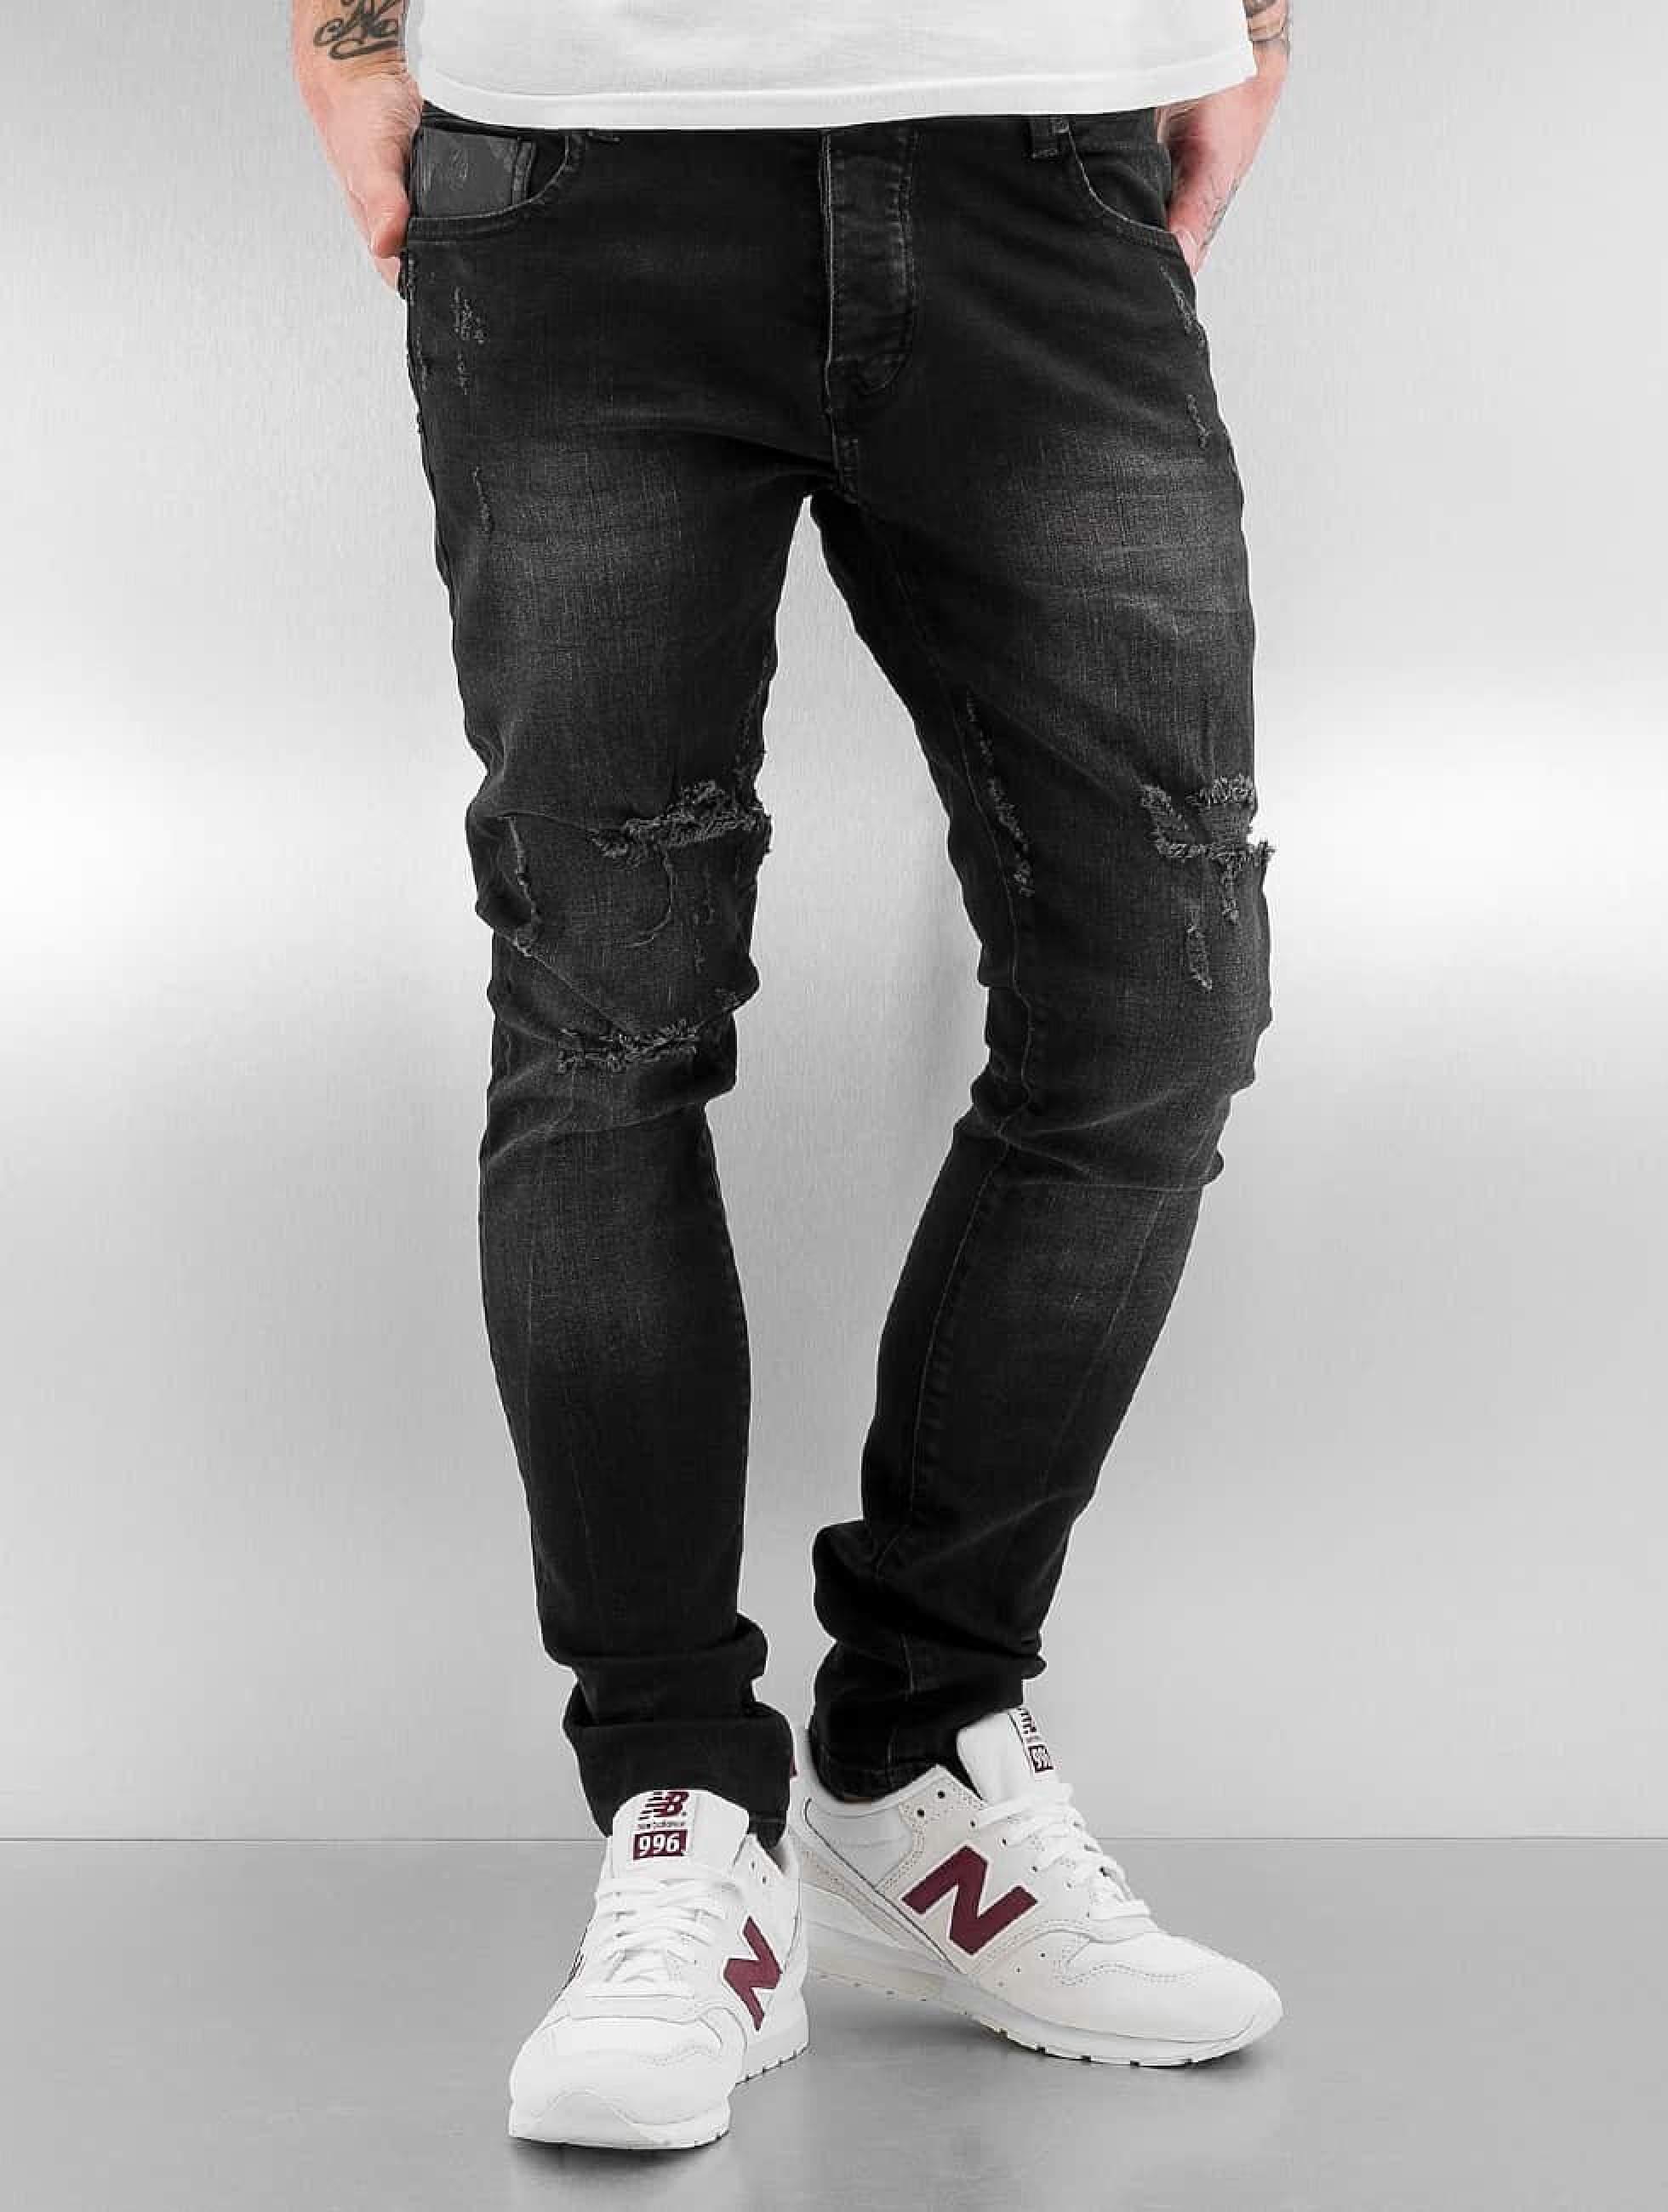 2Y / Skinny Jeans Obbo in black W 34